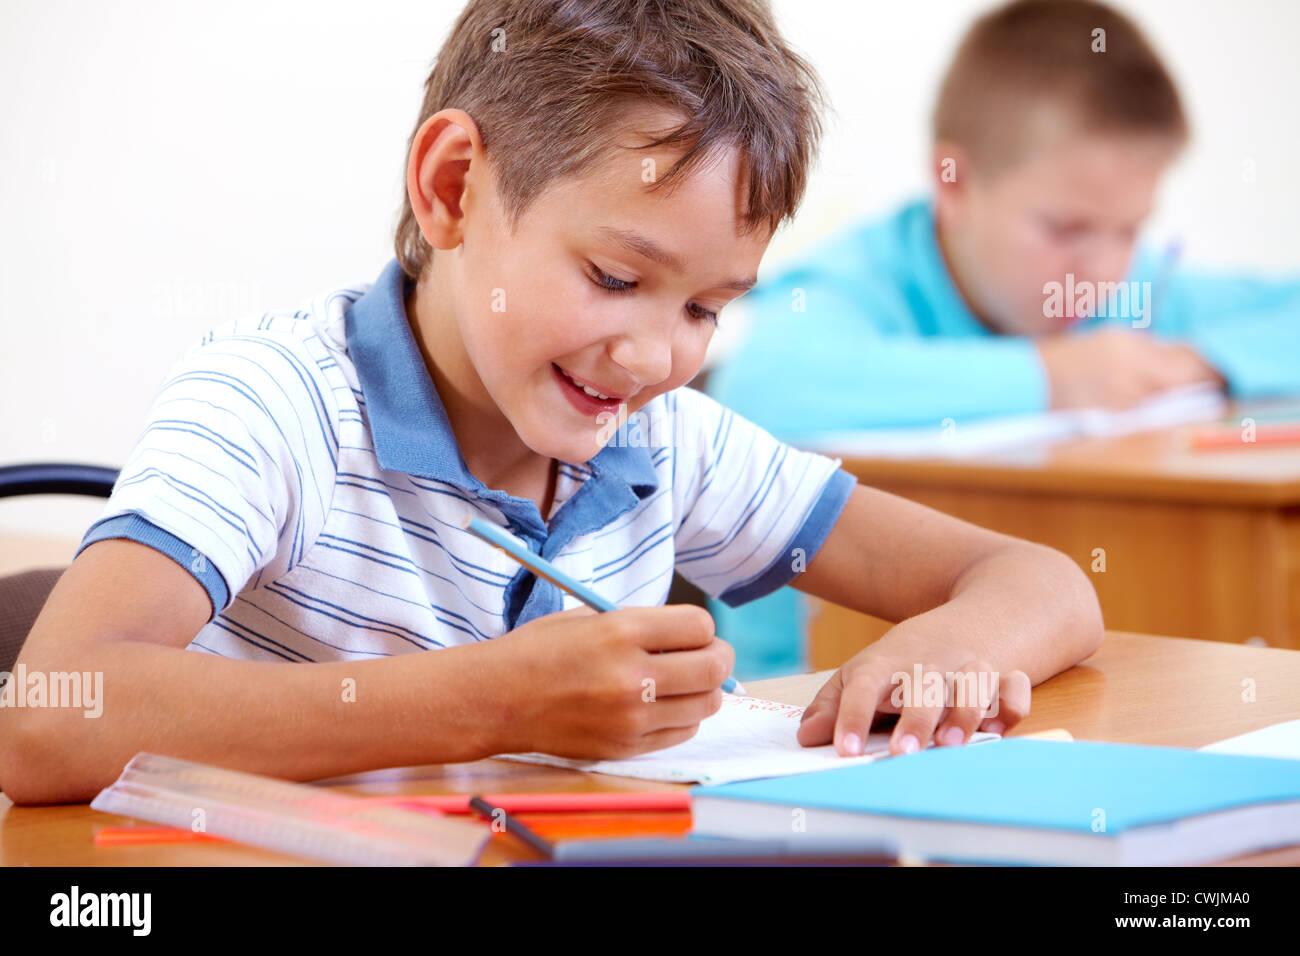 Ritratto di smart lad disegno a lezione con i compagni di classe su sfondo Immagini Stock